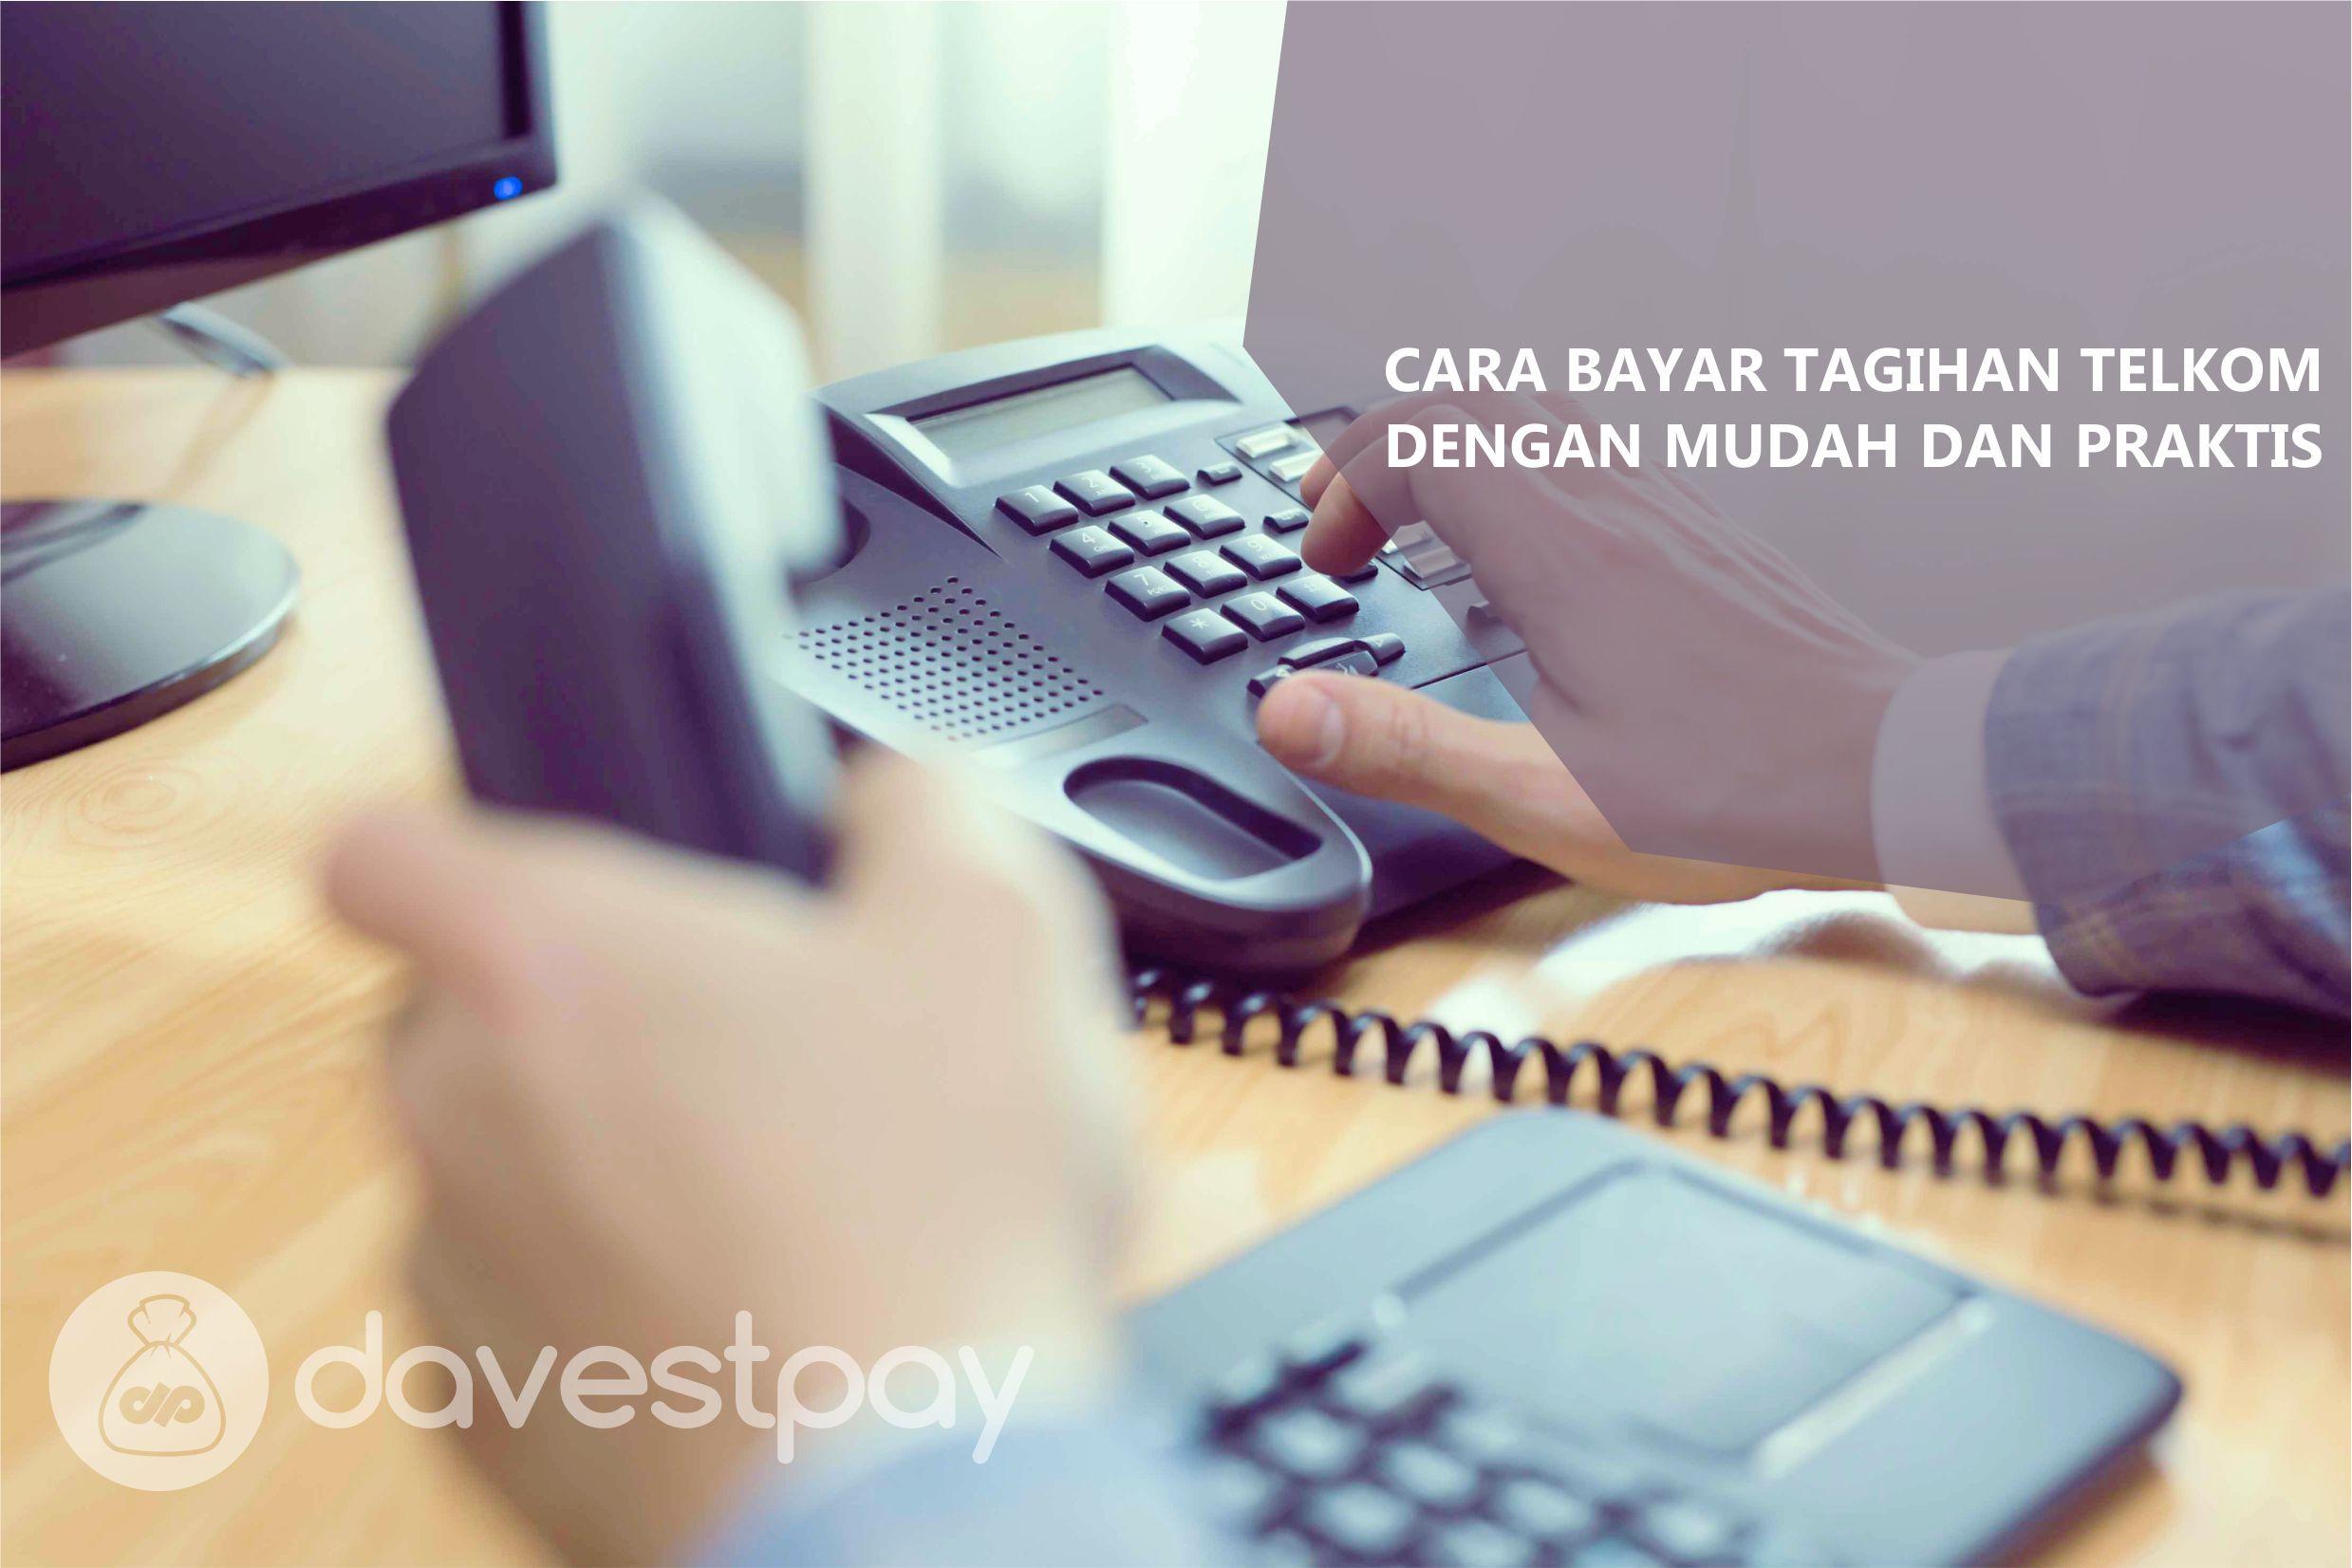 Cara Bayar Tagihan Telkom Dengan Mudah dan Praktis